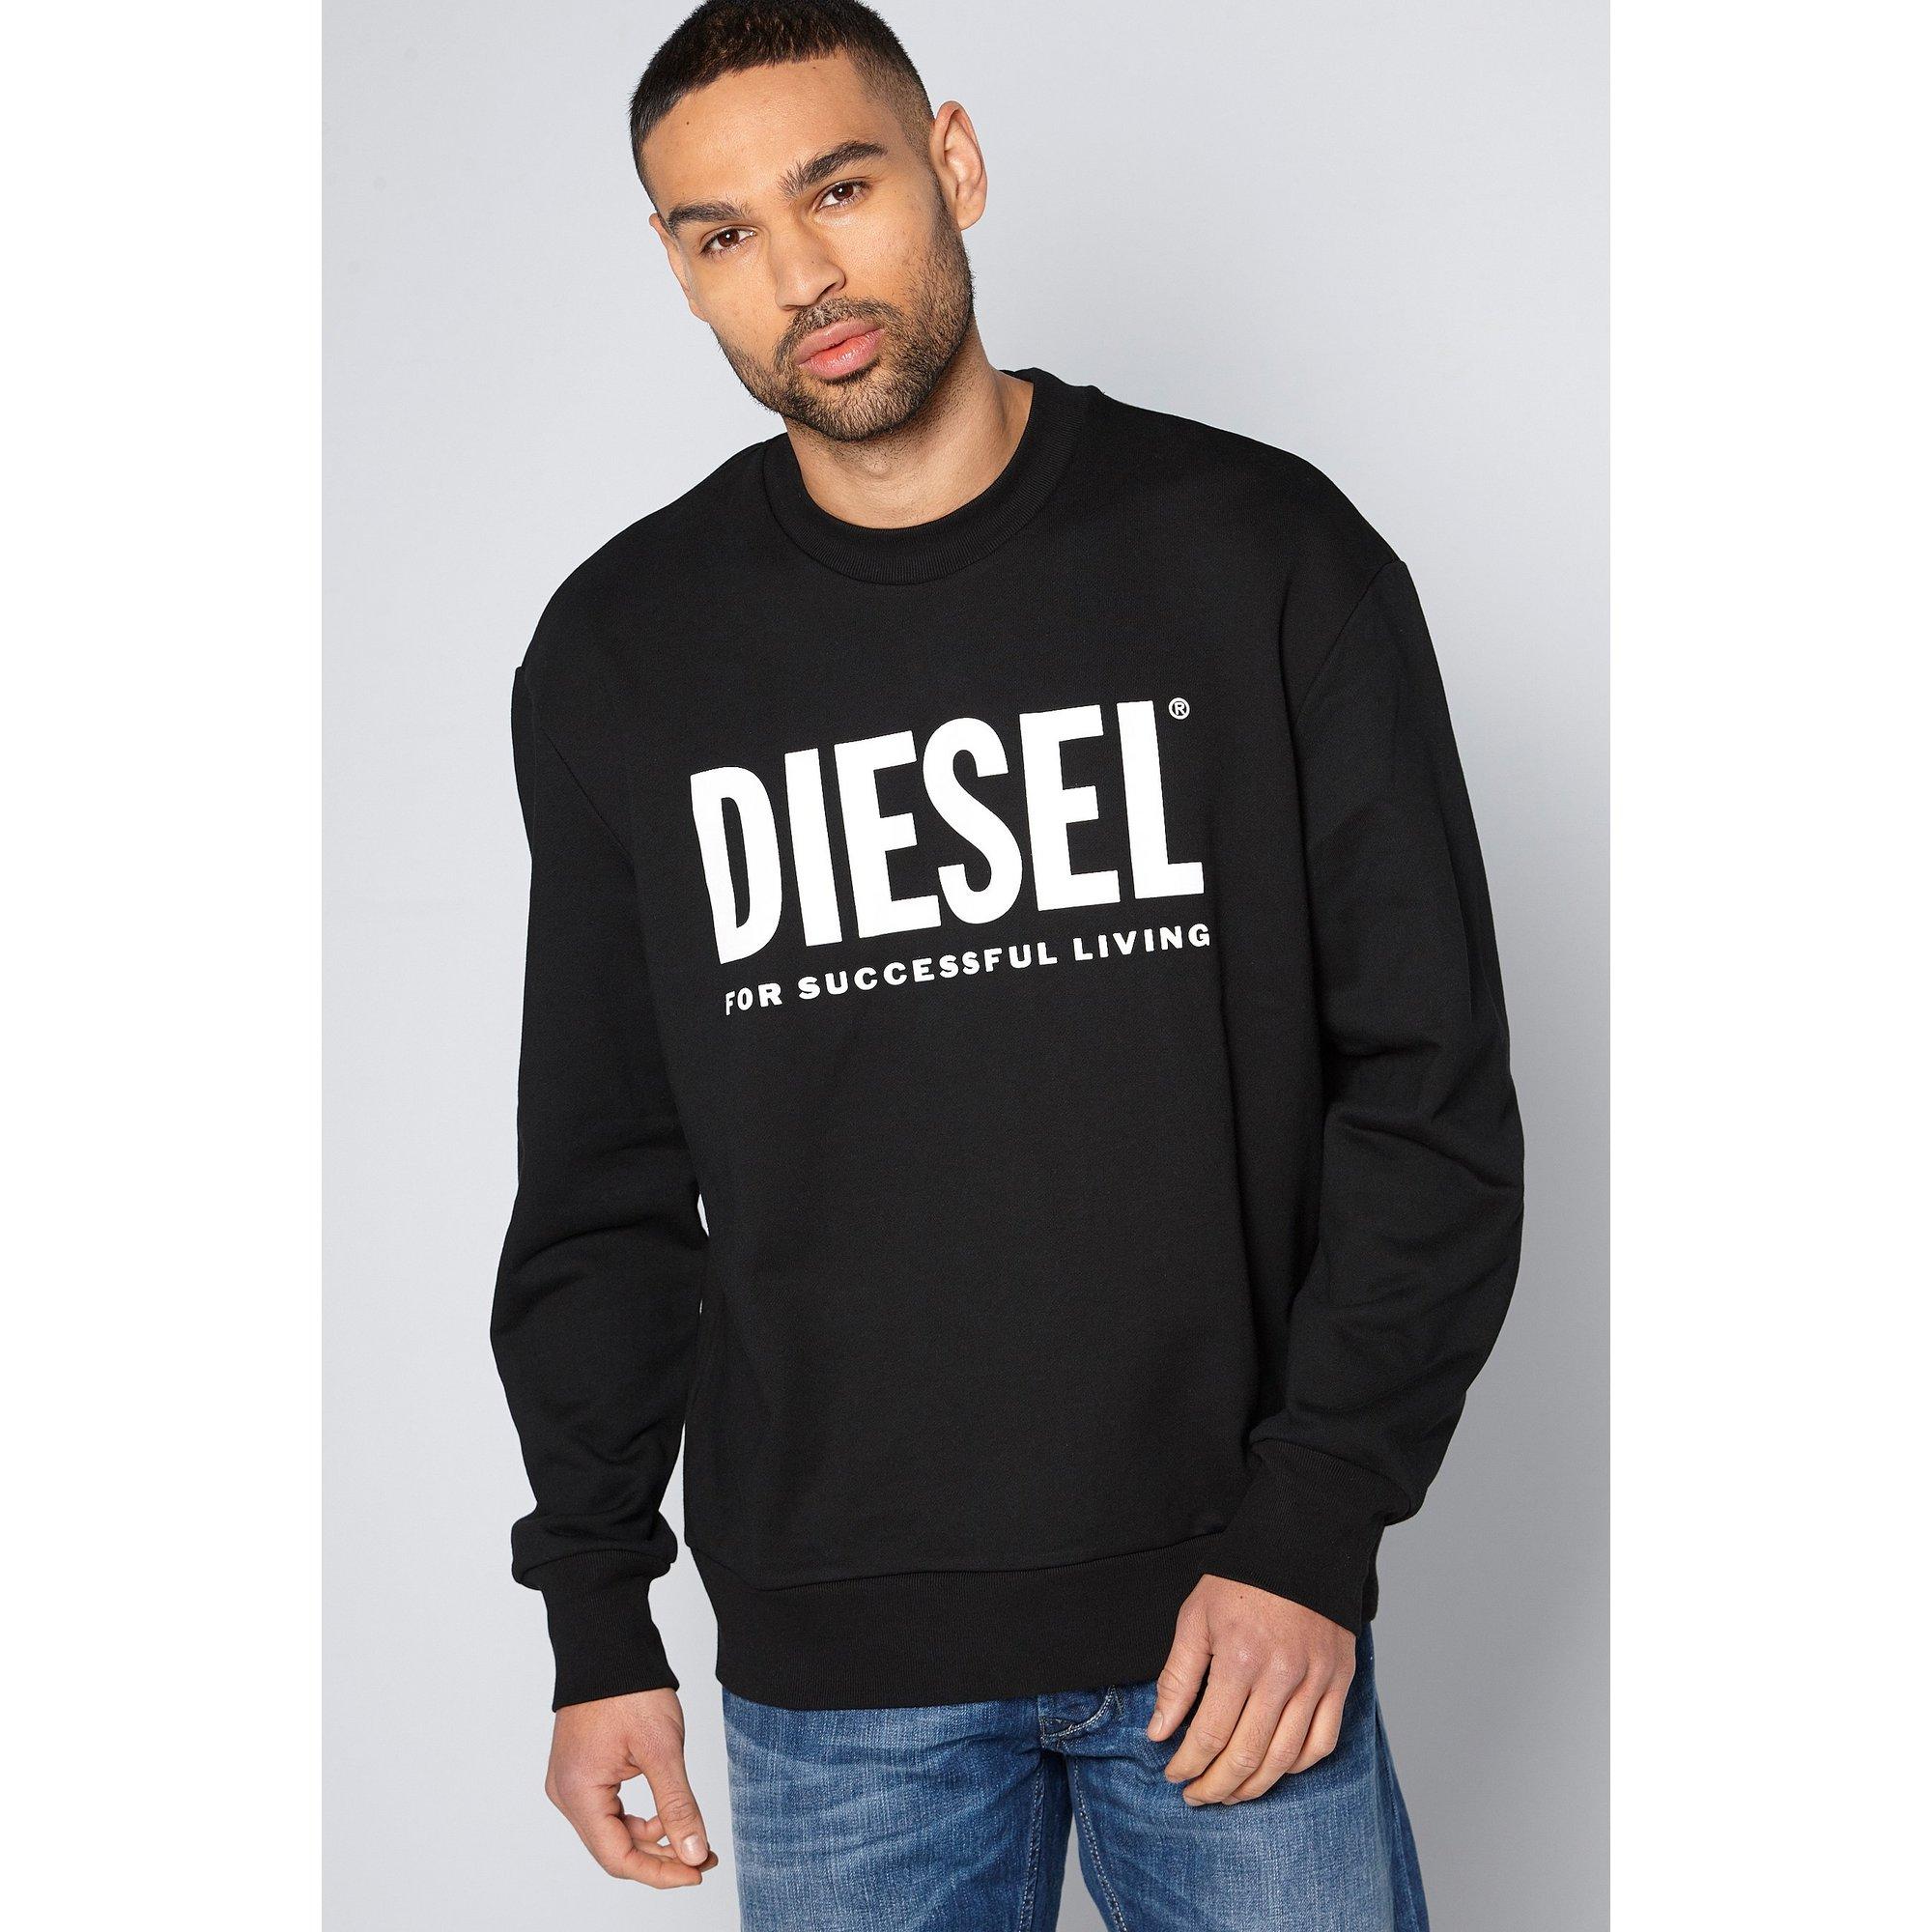 Image of Diesel Division Sweatshirt